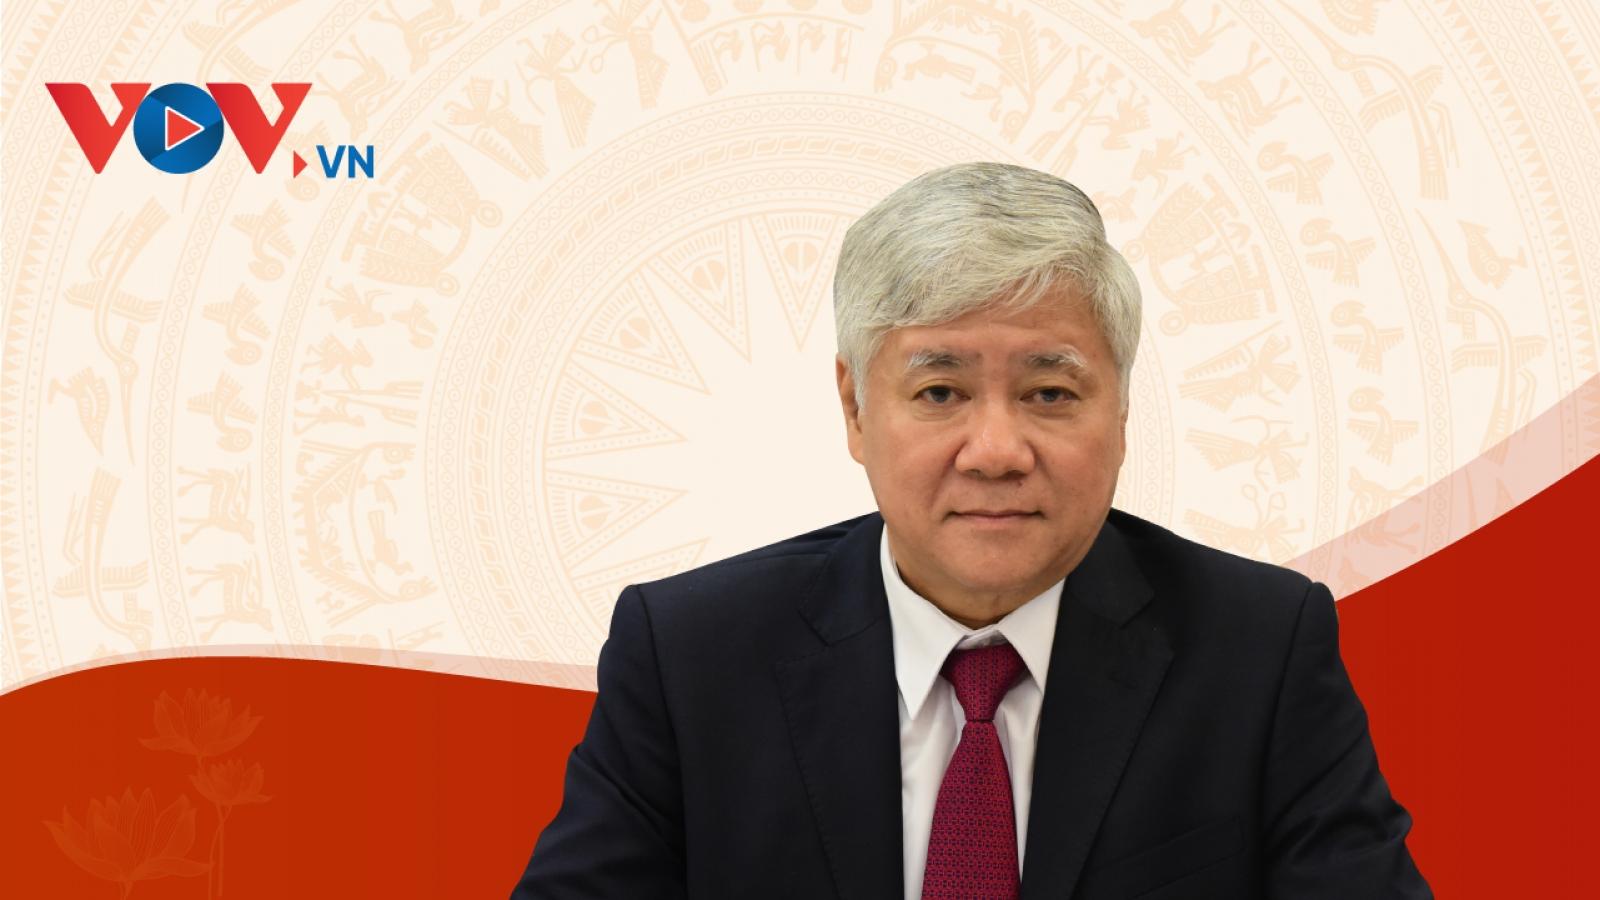 Quá trình công tác của Chủ tịch UBTƯ MTTQ Việt Nam Đỗ Văn Chiến